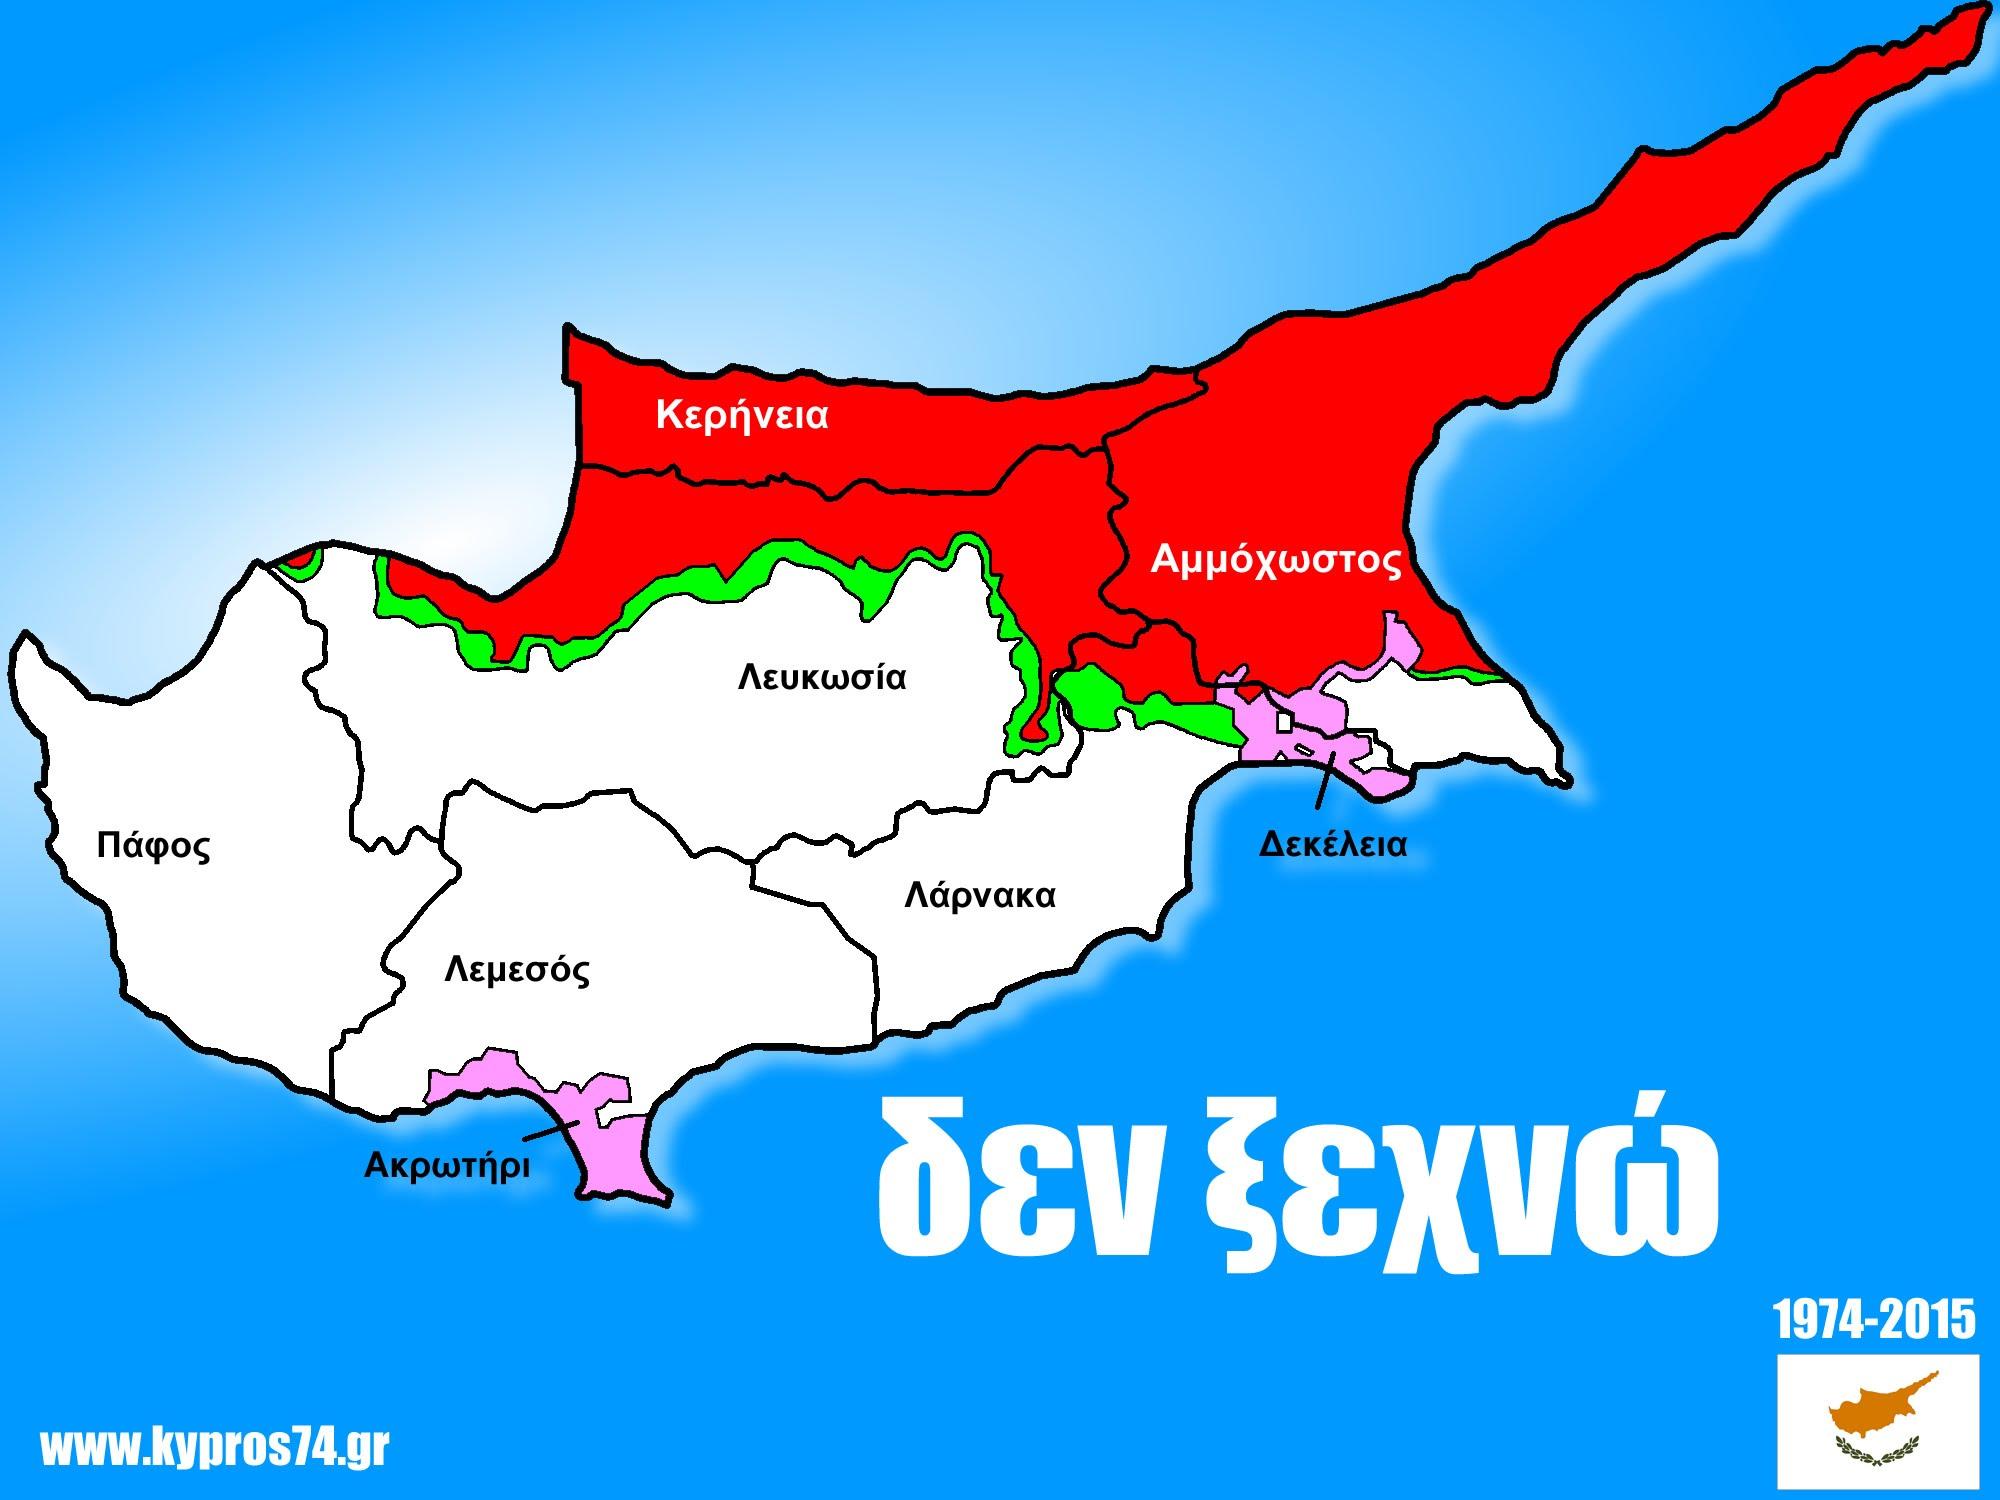 Αφιέρωμα στην Ημέρα Μνήμης: Το Περί ου τιμά την Κύπρο και τους Κύπριους δημιουργούς